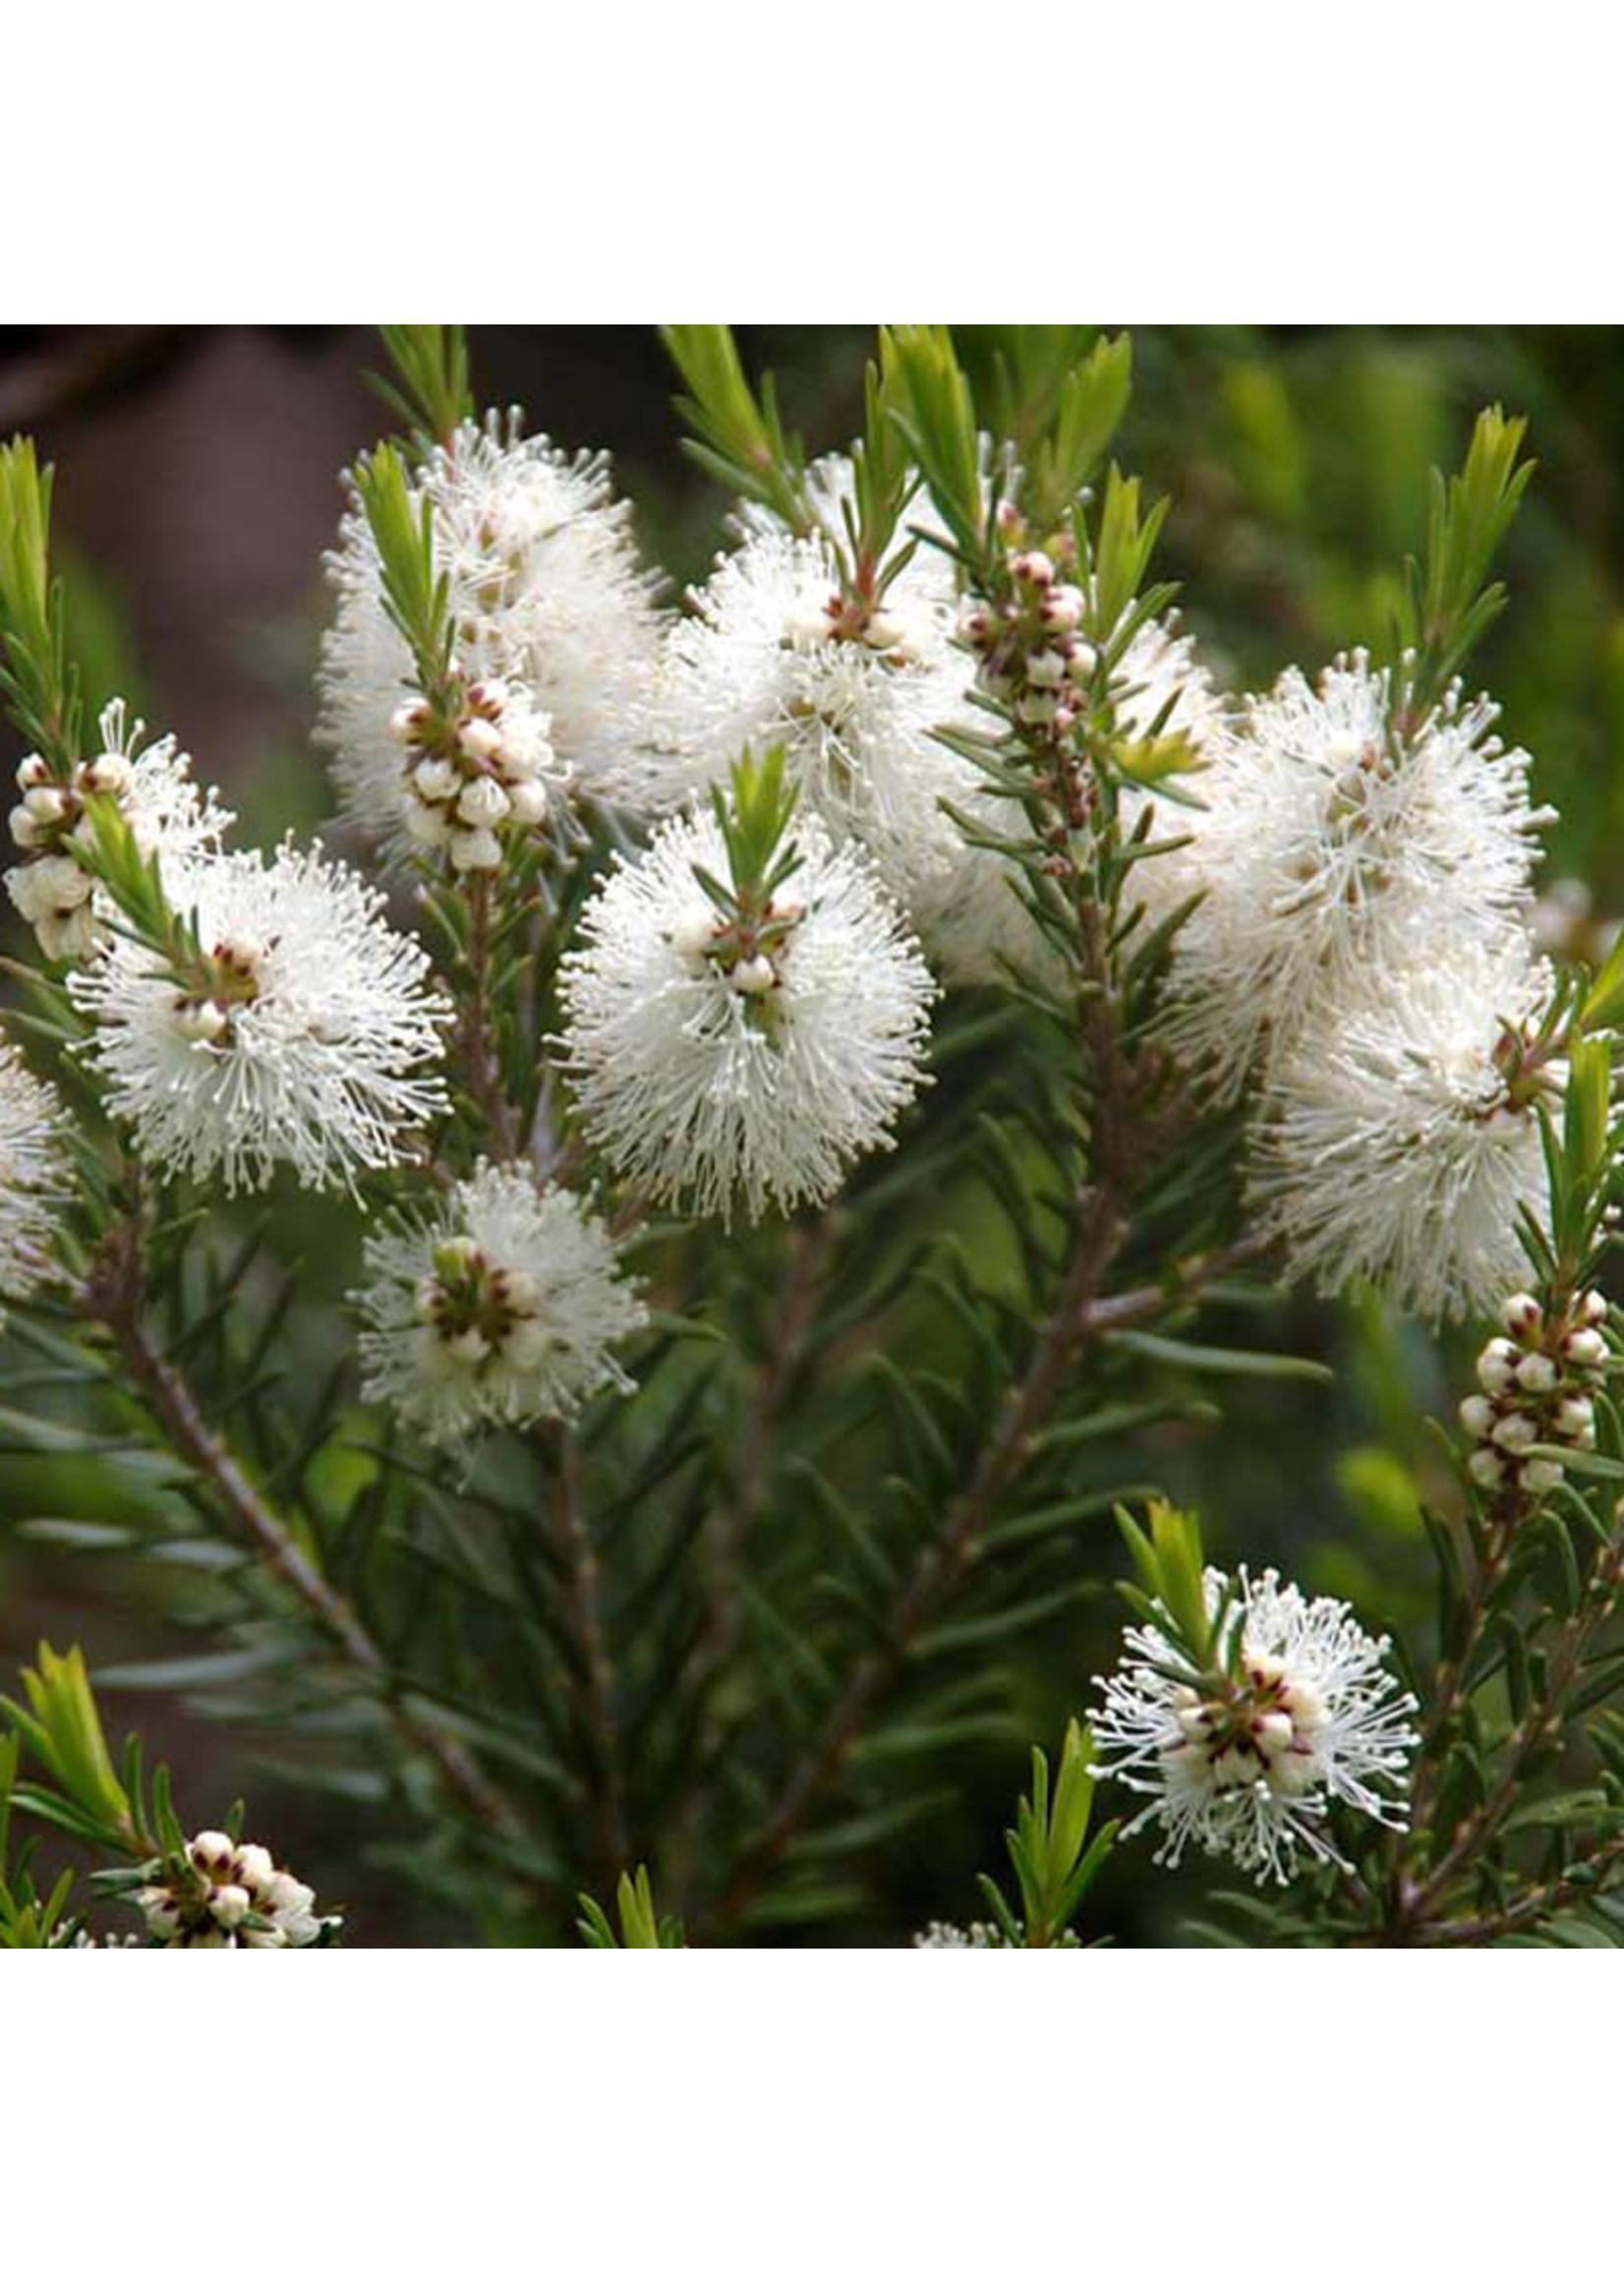 Zayat Huile essentielle de Tea Tree, biologique Australie (11ml)